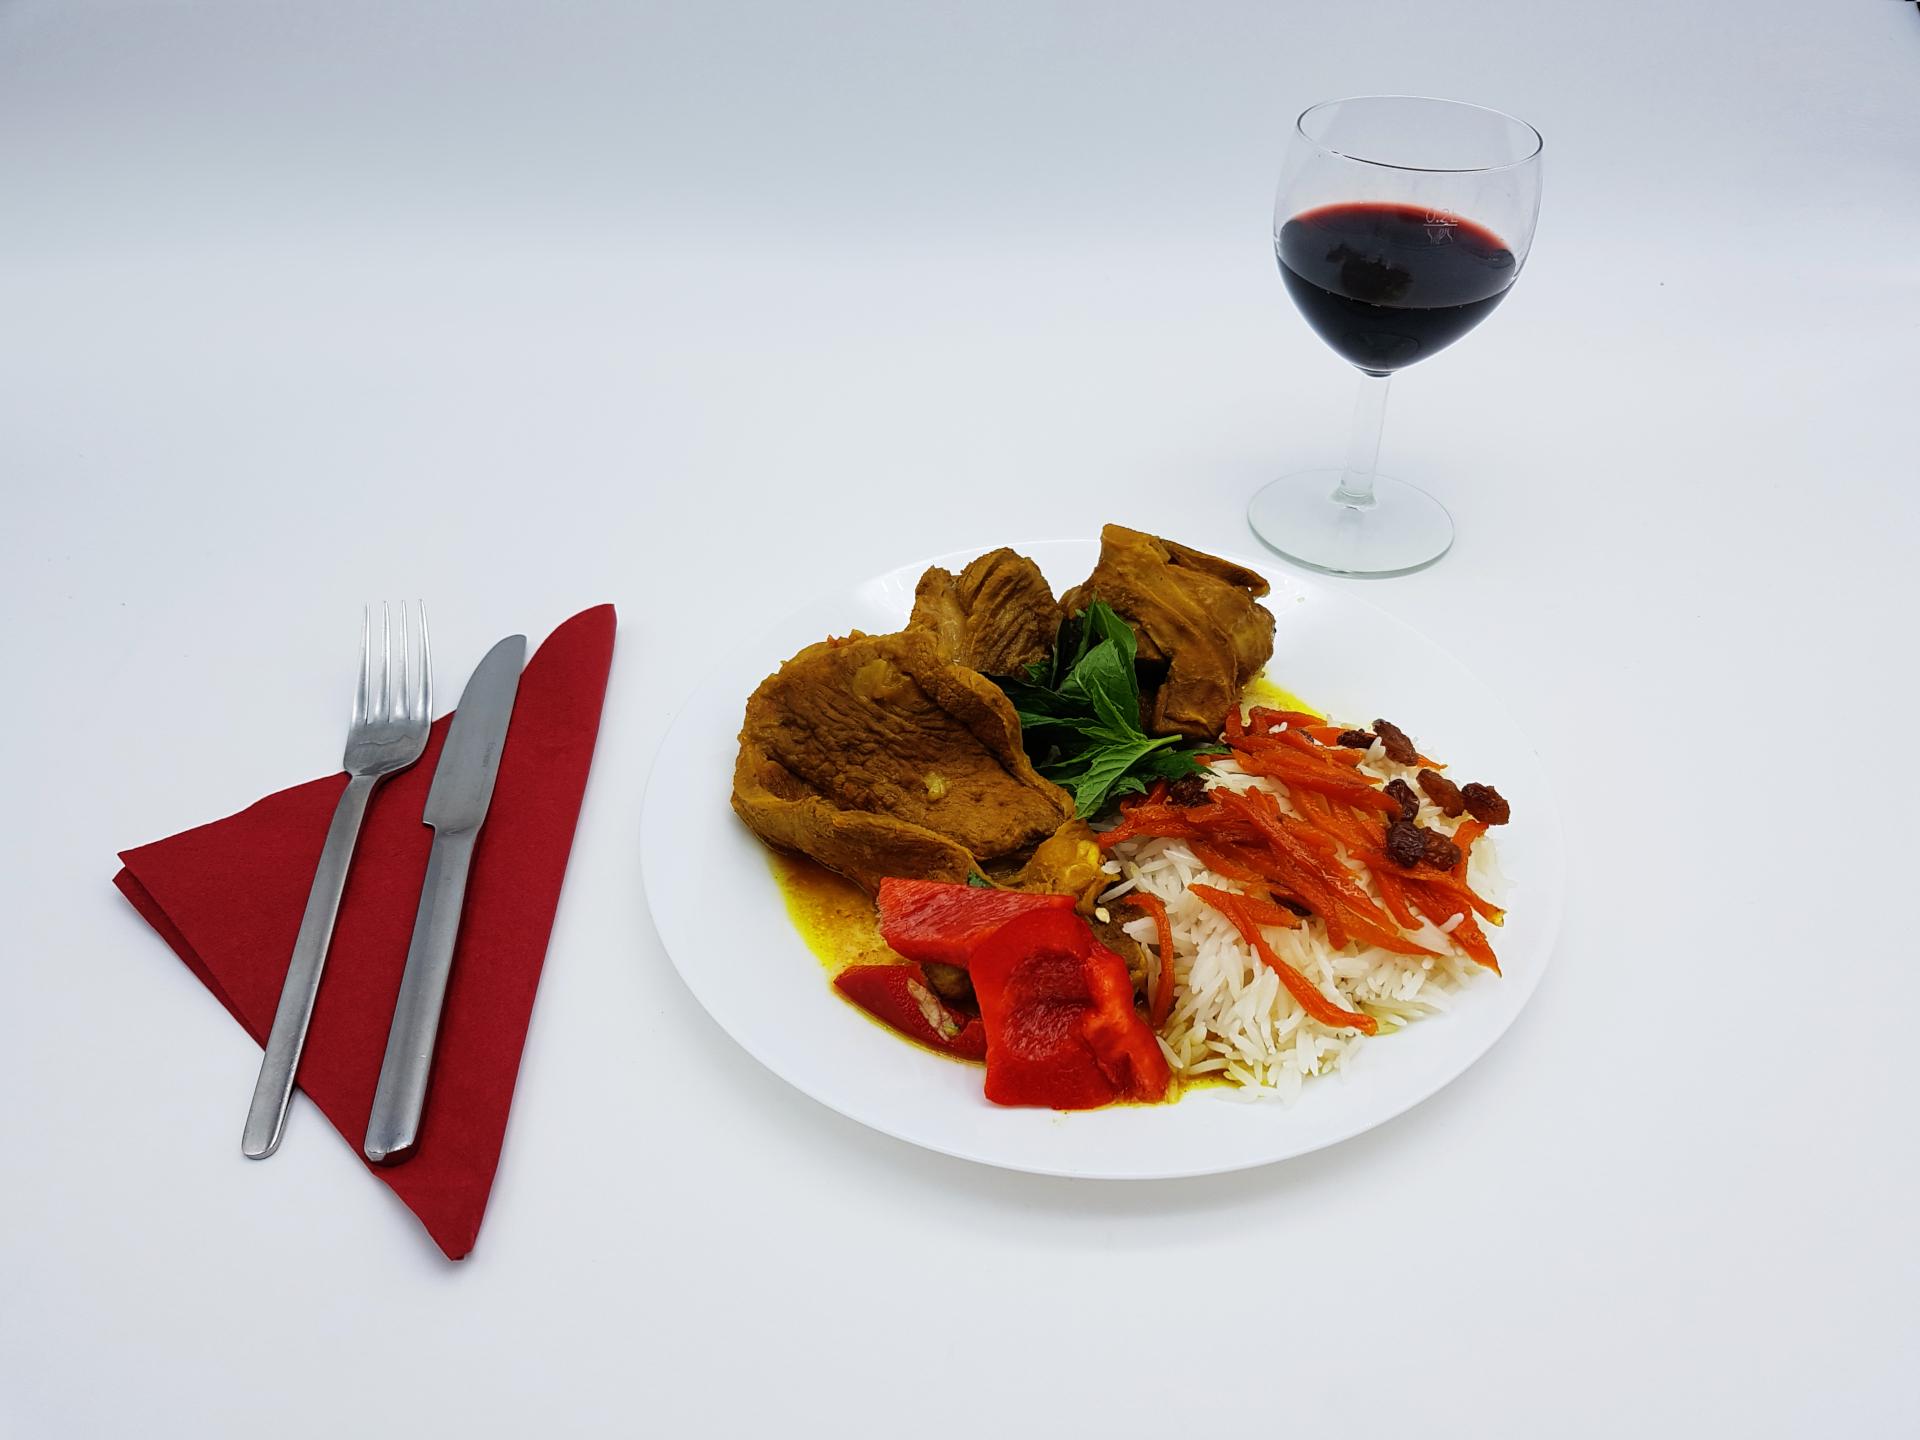 Bei uns im Restaurant Kabul in Wuppertal finden Sie leckeren Lammgulasch mit weisem Reis, Karotten und Rosinen.